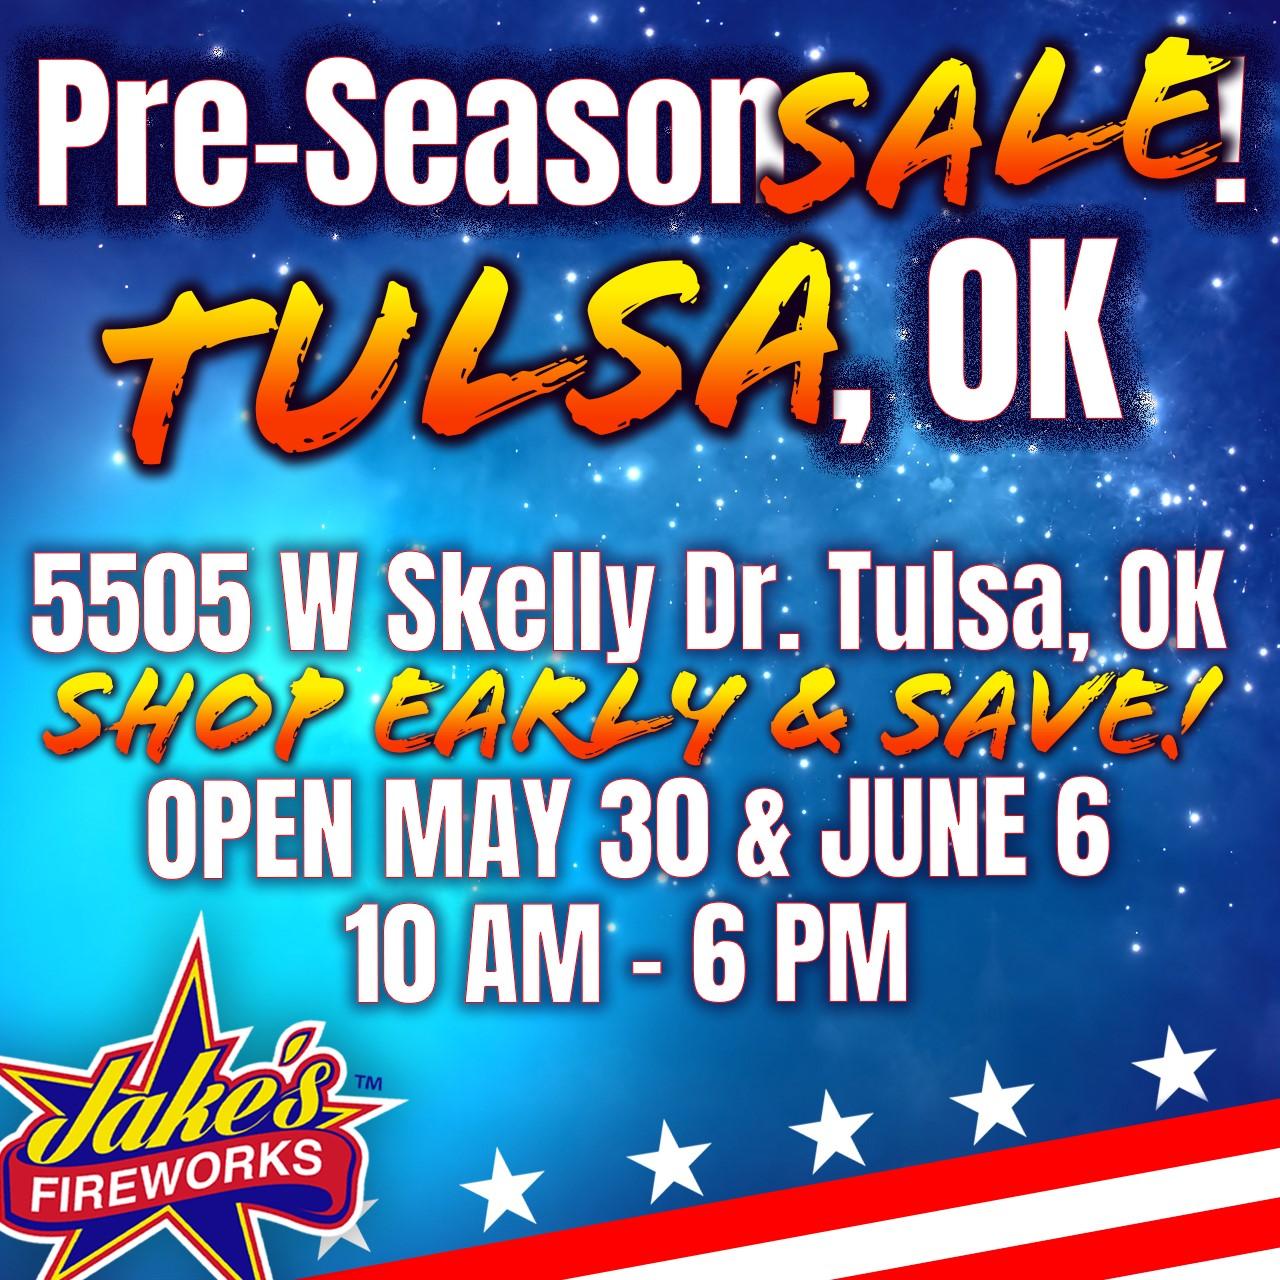 Pre Season Sale - Tulsa, OK Store